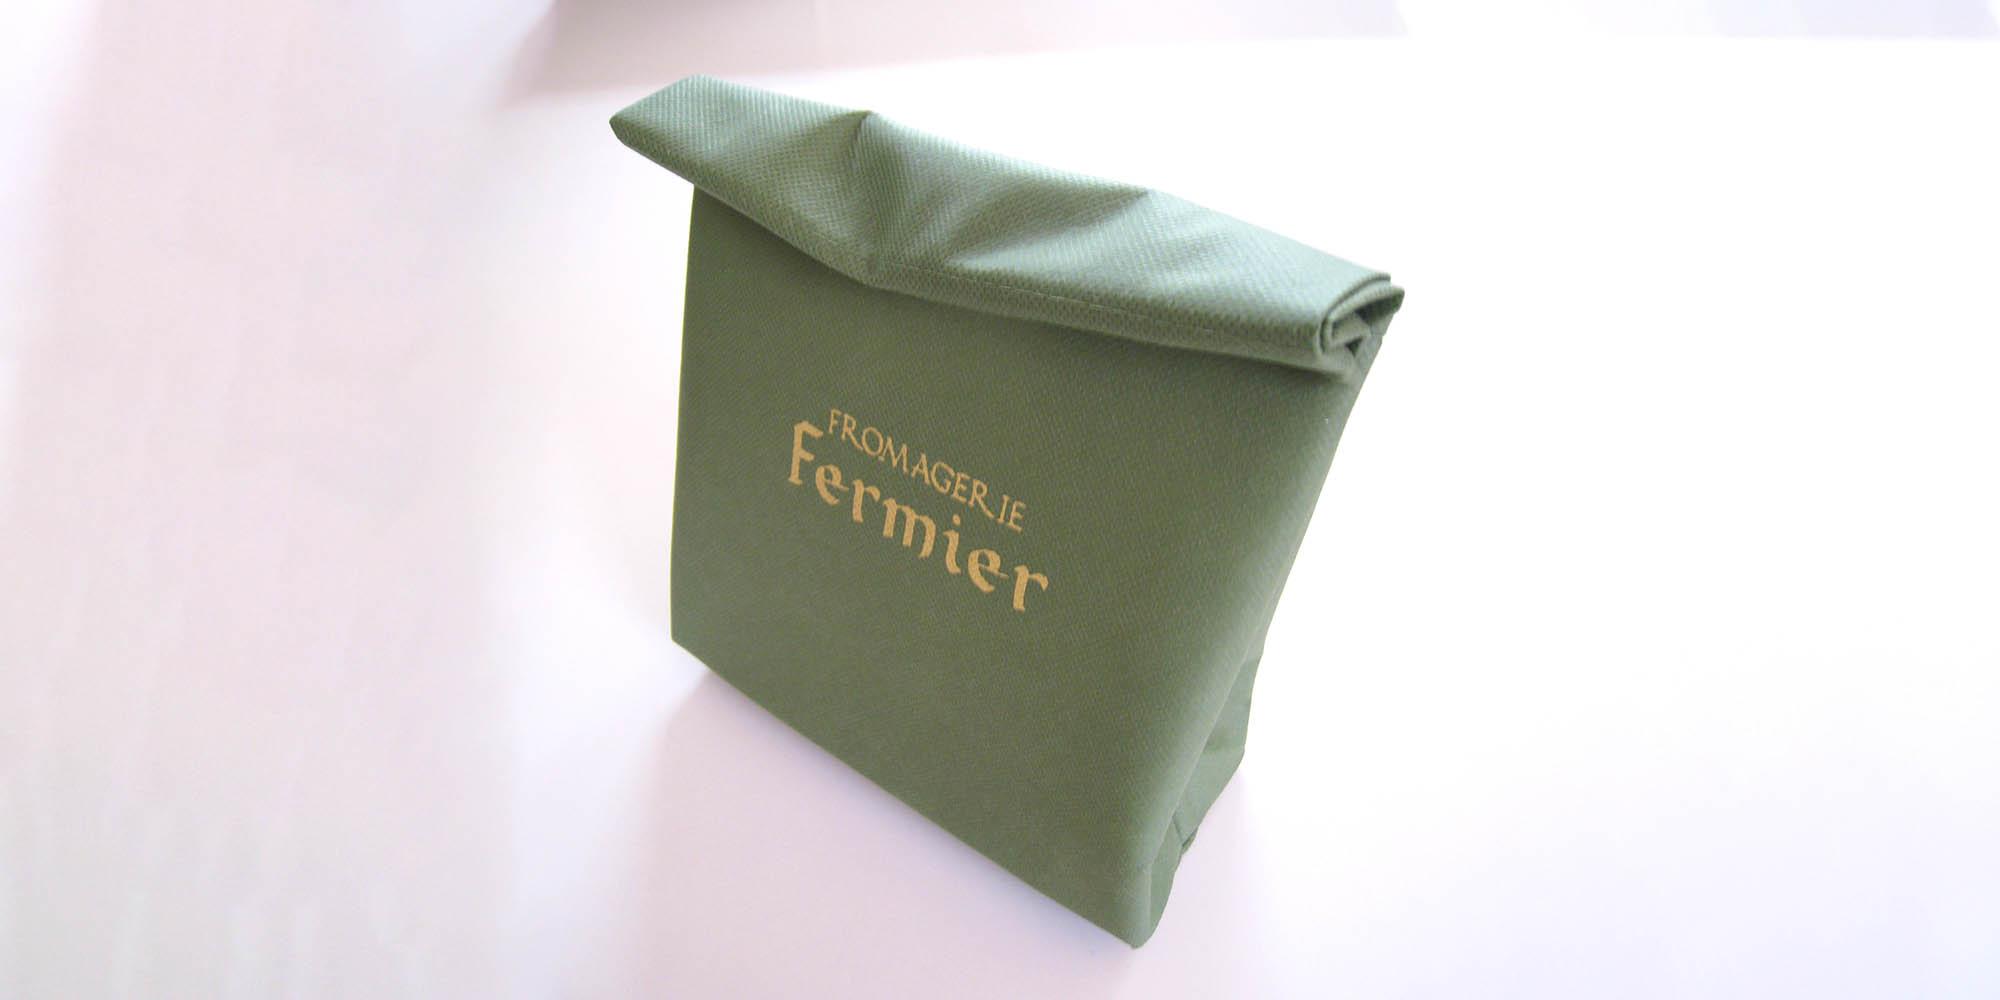 チーズテイクアウト用の紙袋風不織布保冷バッグ(舟底タイプ+マジックテープ付き)